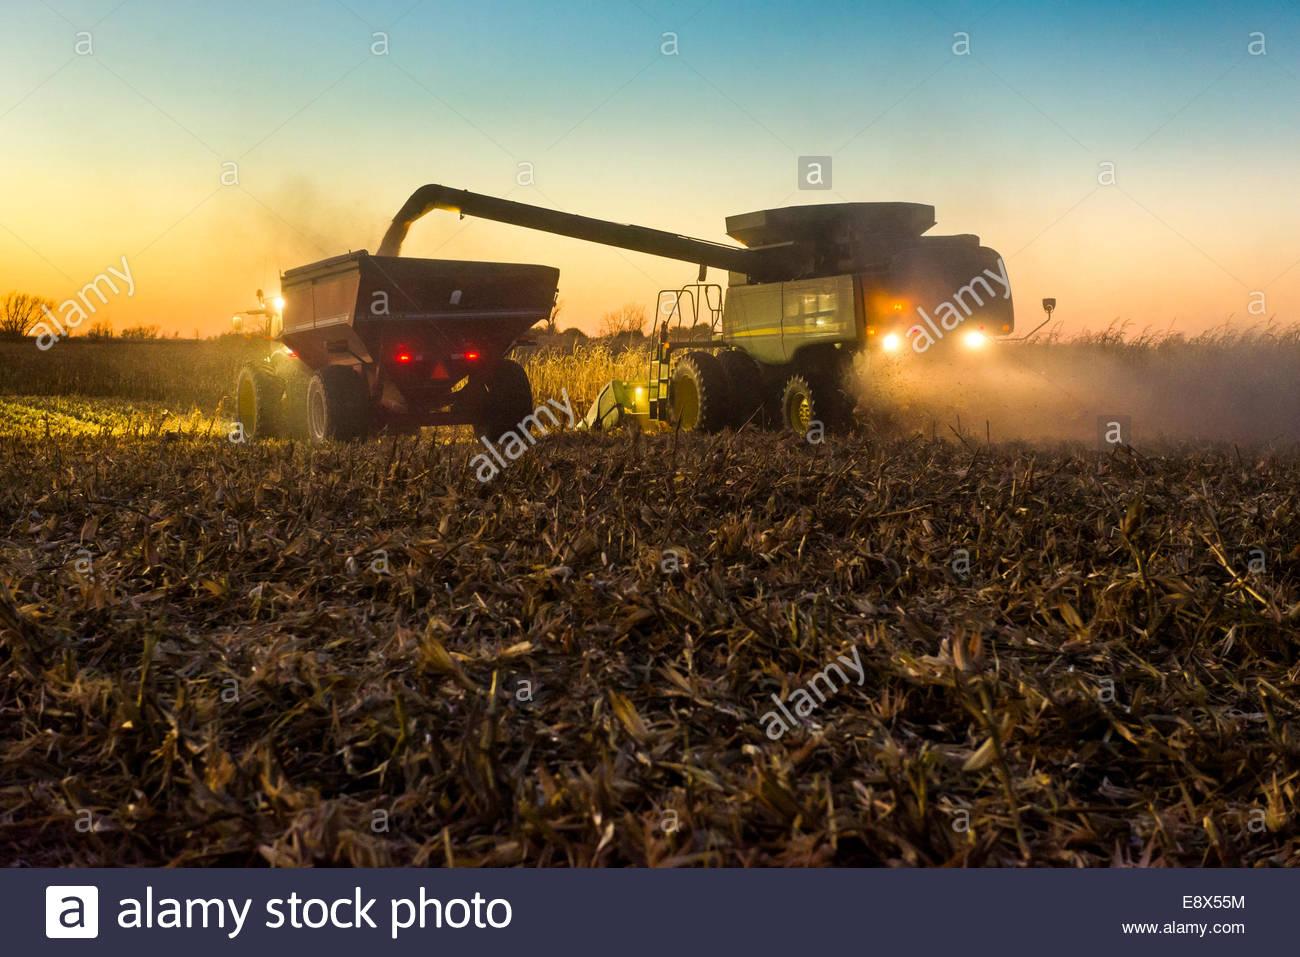 Les vis d'un cultivateur de maïs-grain jaune récoltés à partir d'une moissonneuse-batteuse, Photo Stock